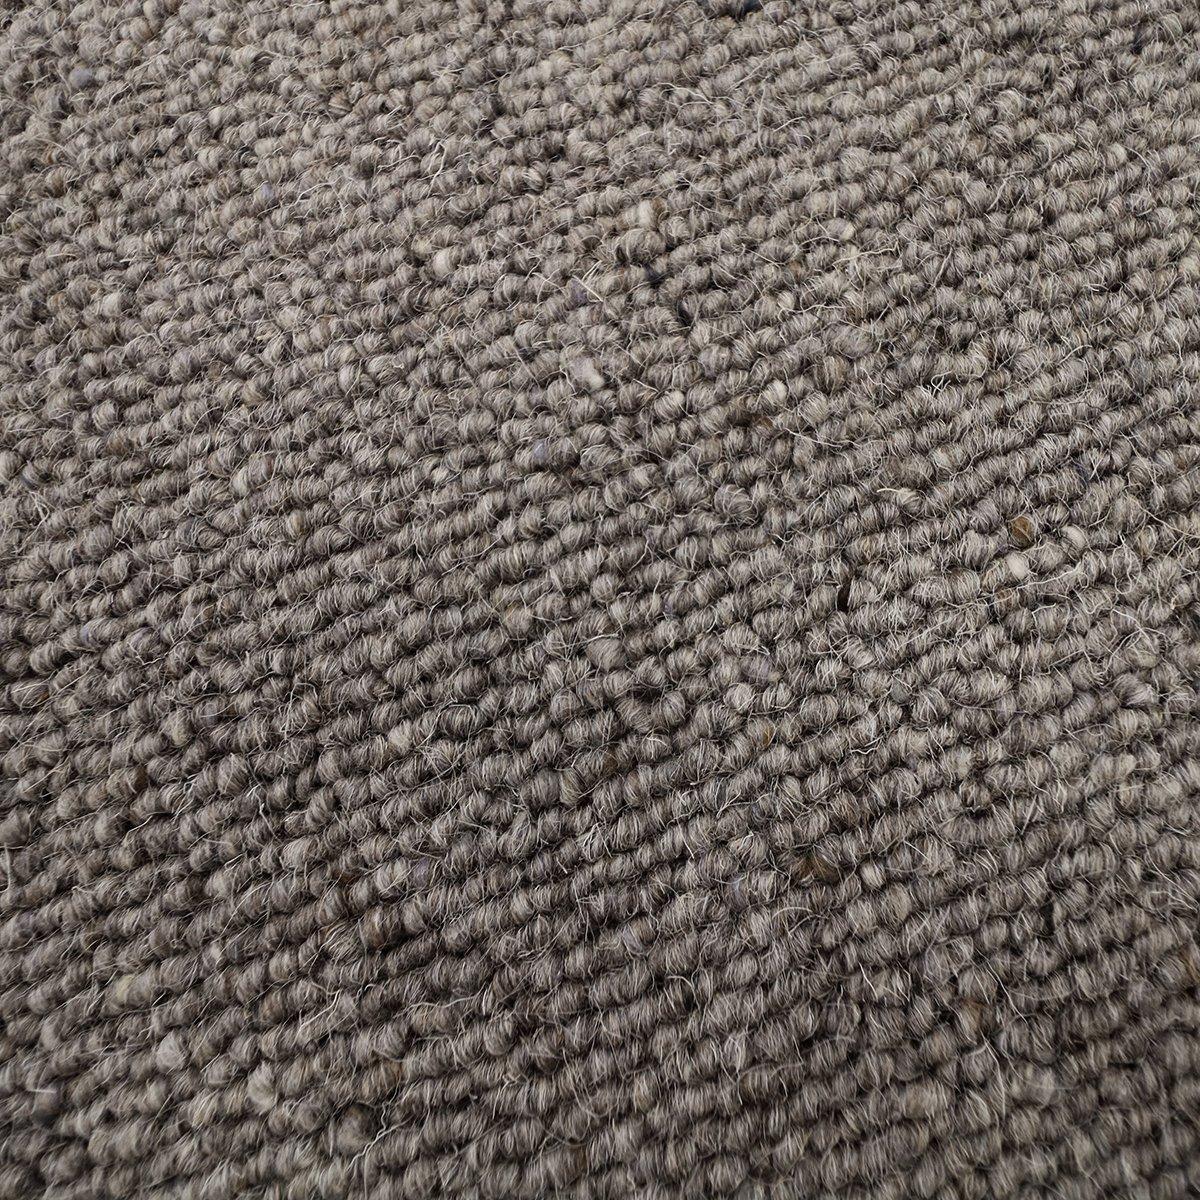 Havatex Schurwolle Teppich Shepherd - Farbe wählbar     100% strapazierfähige Naturfaser Wolle   für Wohnzimmer Schlafzimmer Esszimmer Büros, Farbe Dunkelgrau, Größe 160 x 180 cm B077Y68CZY Bodenbelge 612472